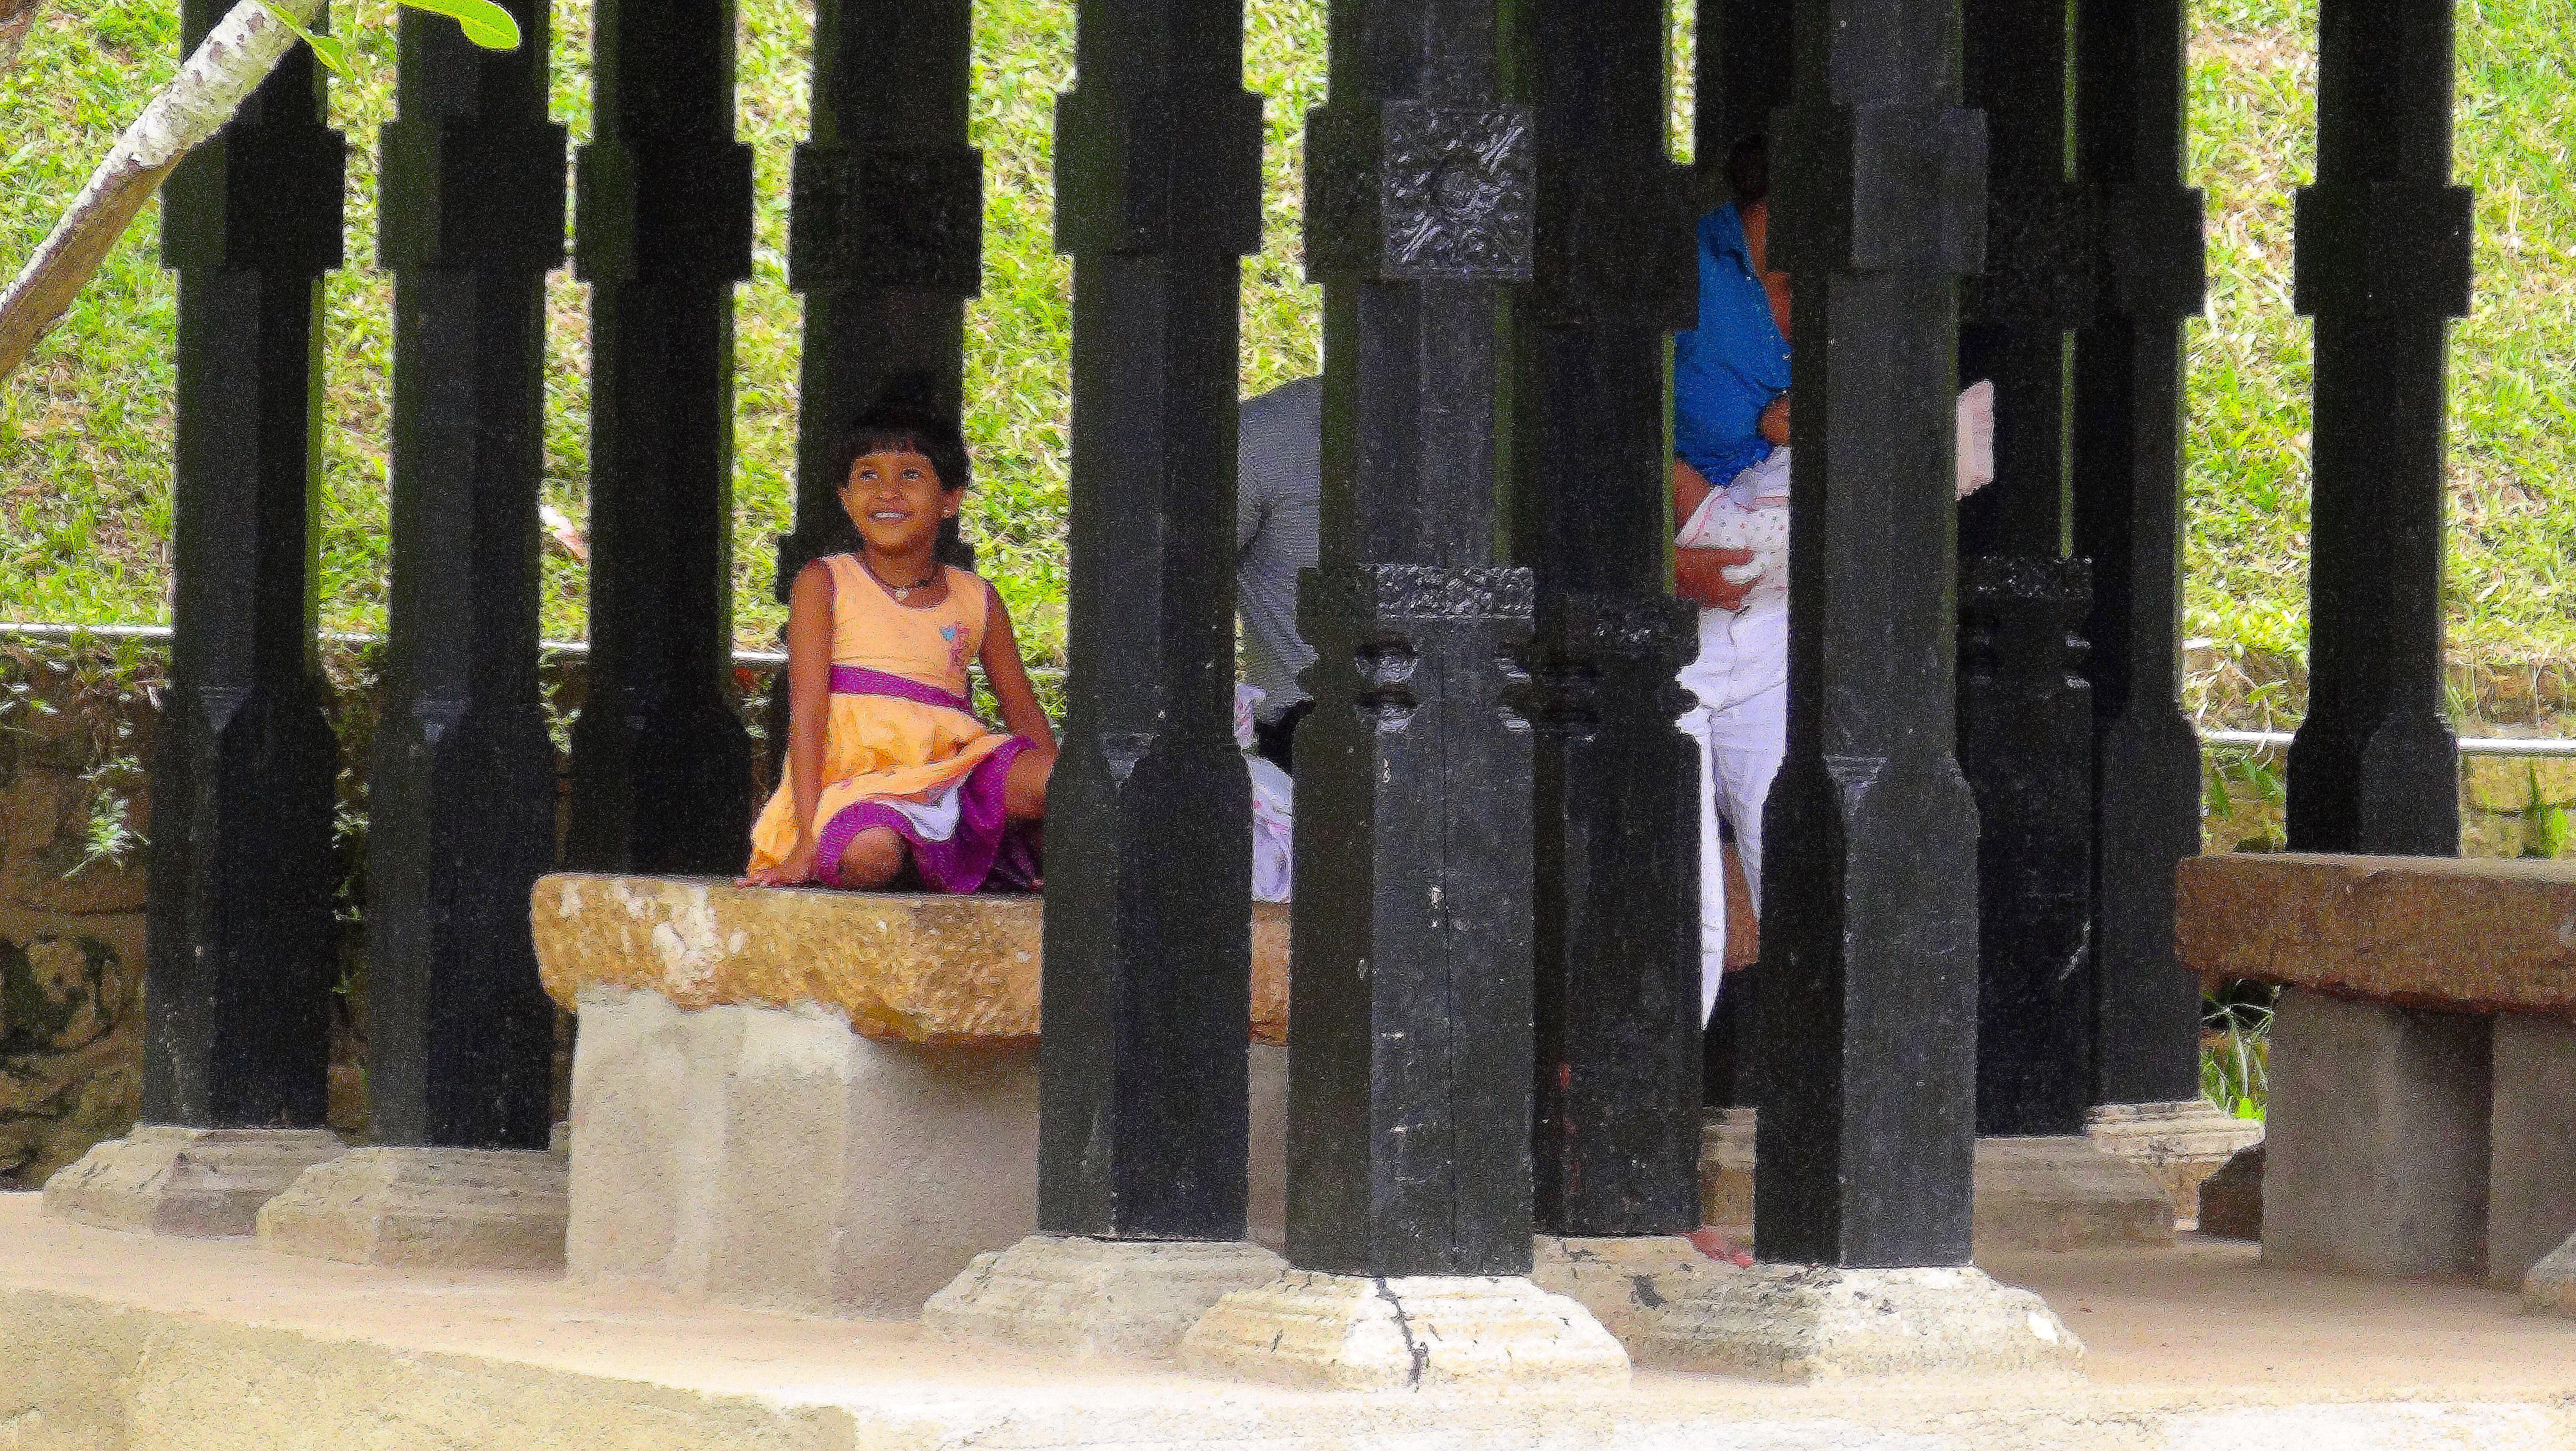 Fillette avec un des plus beau sourire que j'ai vu – Kandy